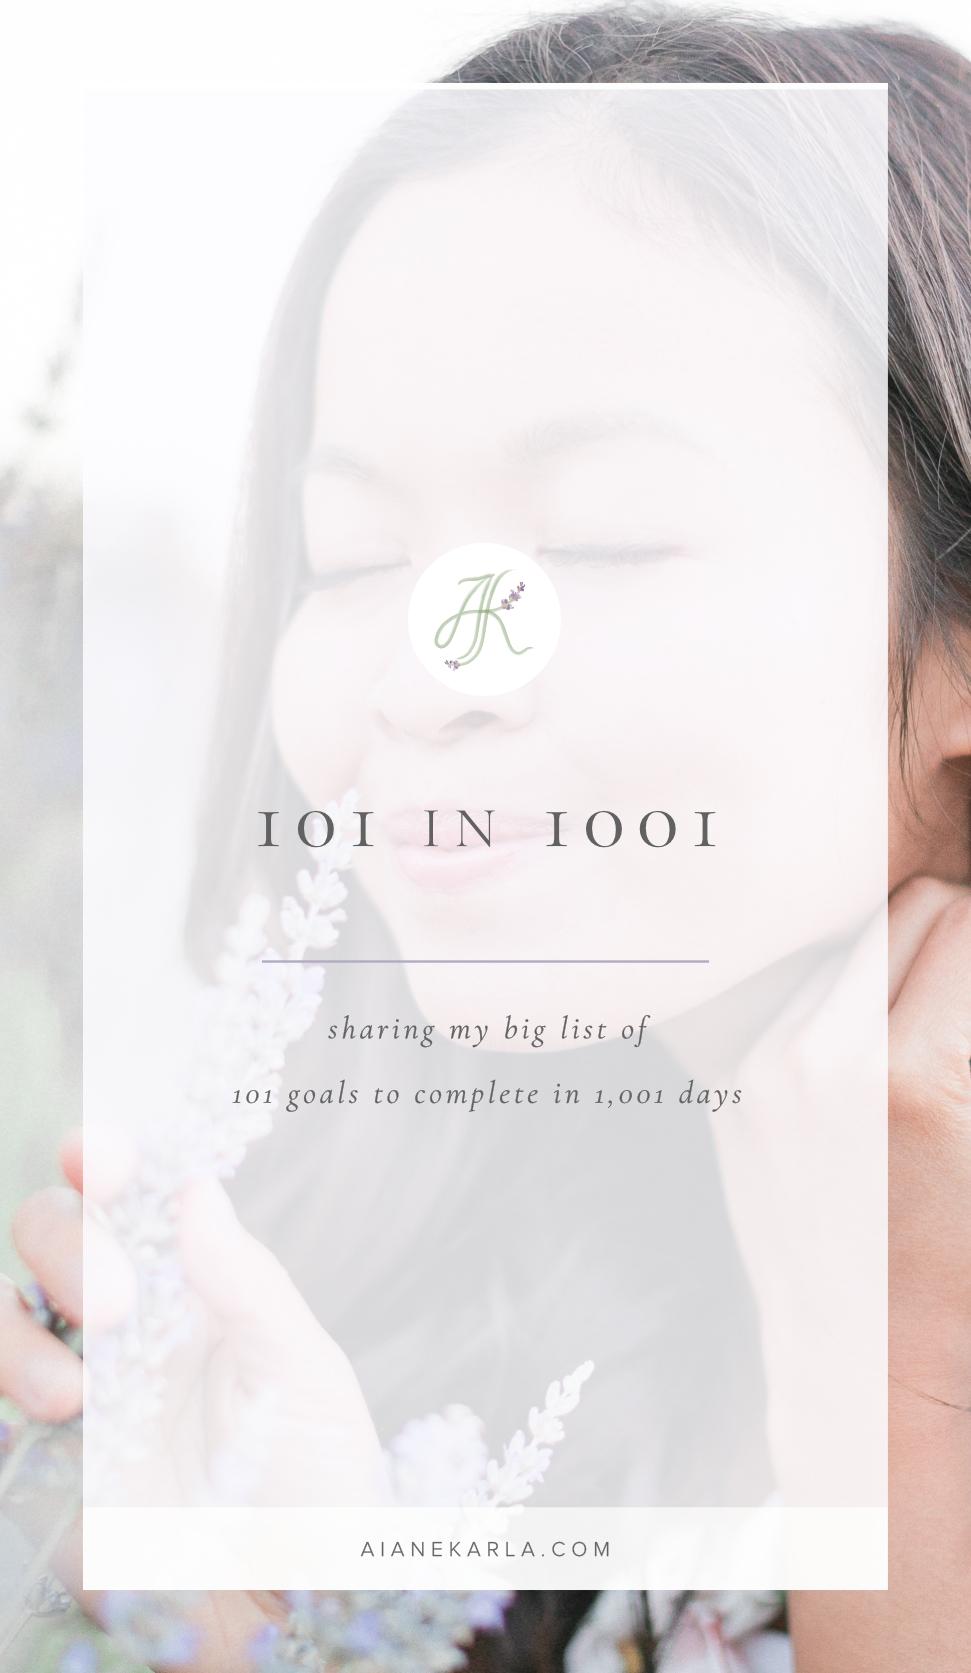 101 in 1001 | Aiane Karla | www.AianeKarla.com